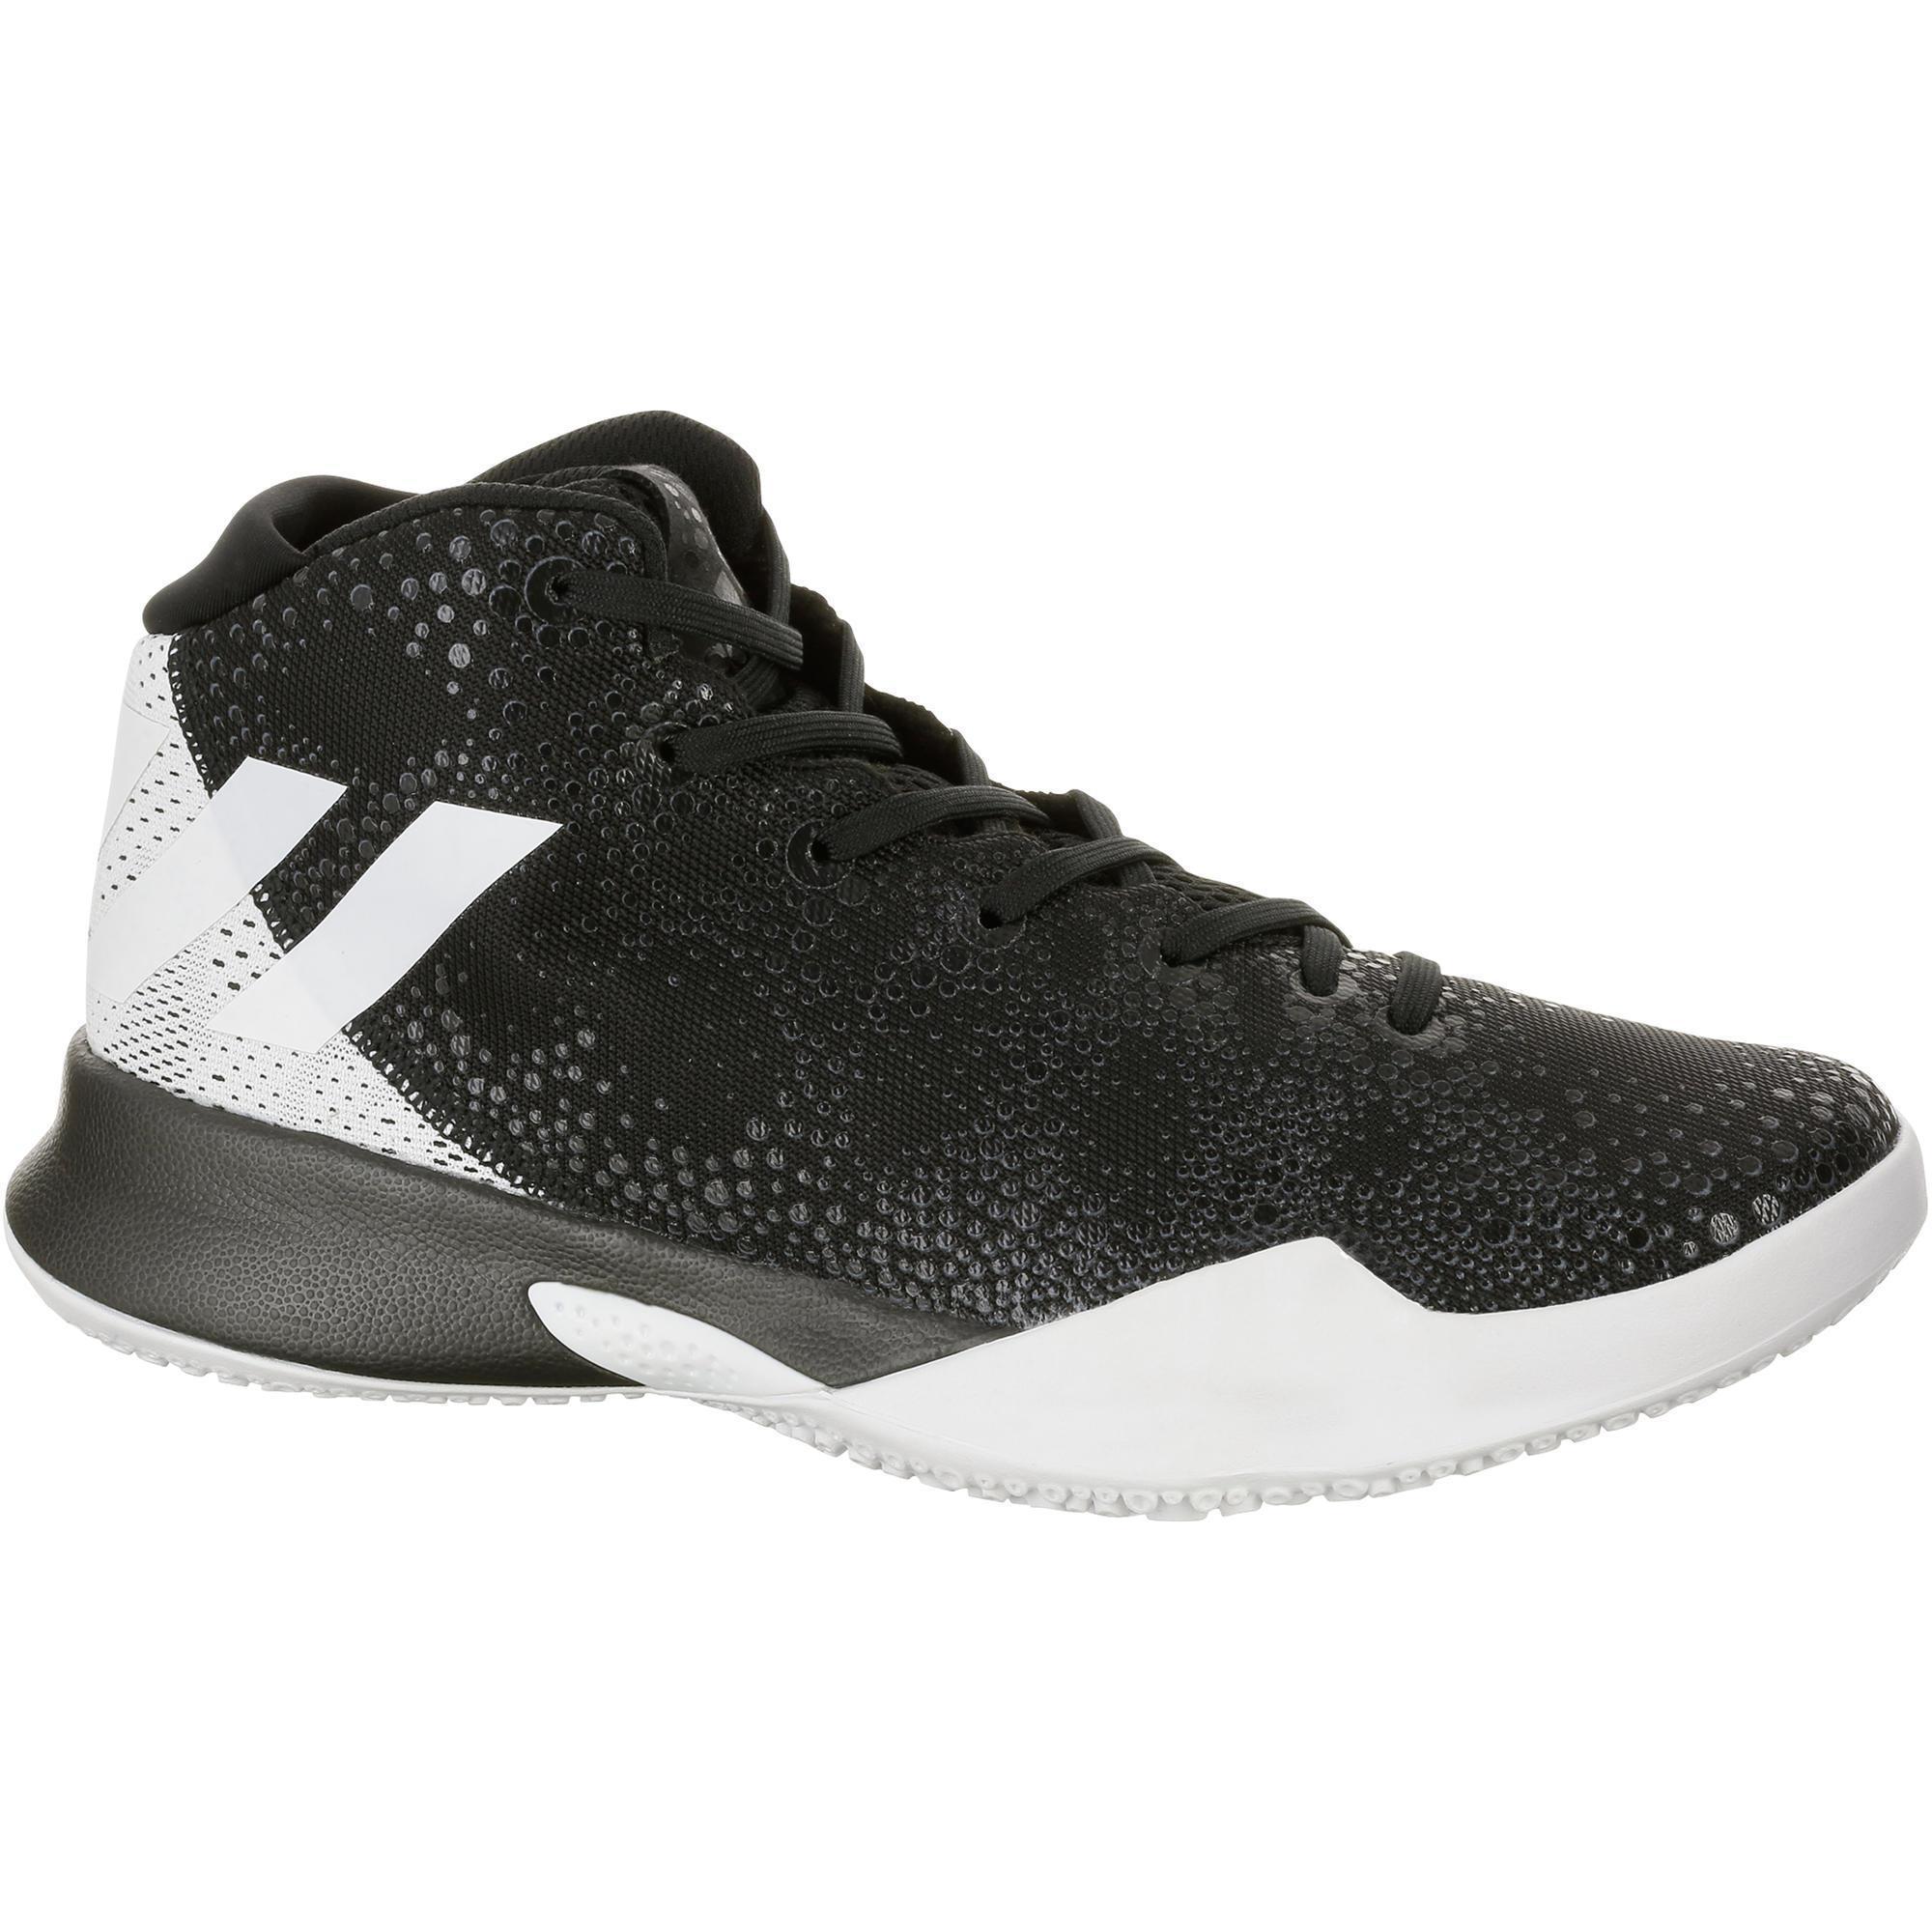 Zapatillas de baloncesto Adidas tallas 43 y 47